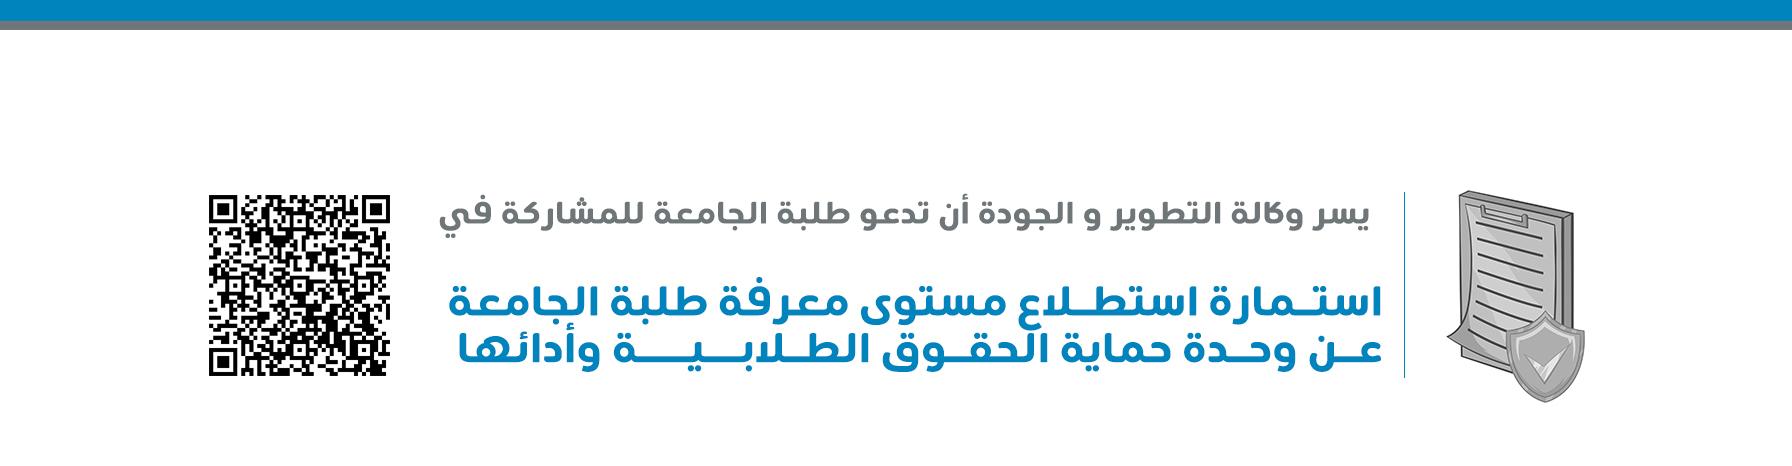 استمارة استطلاع مستوى معرفة... - طلبة الجامعة عن وحدة حماية...